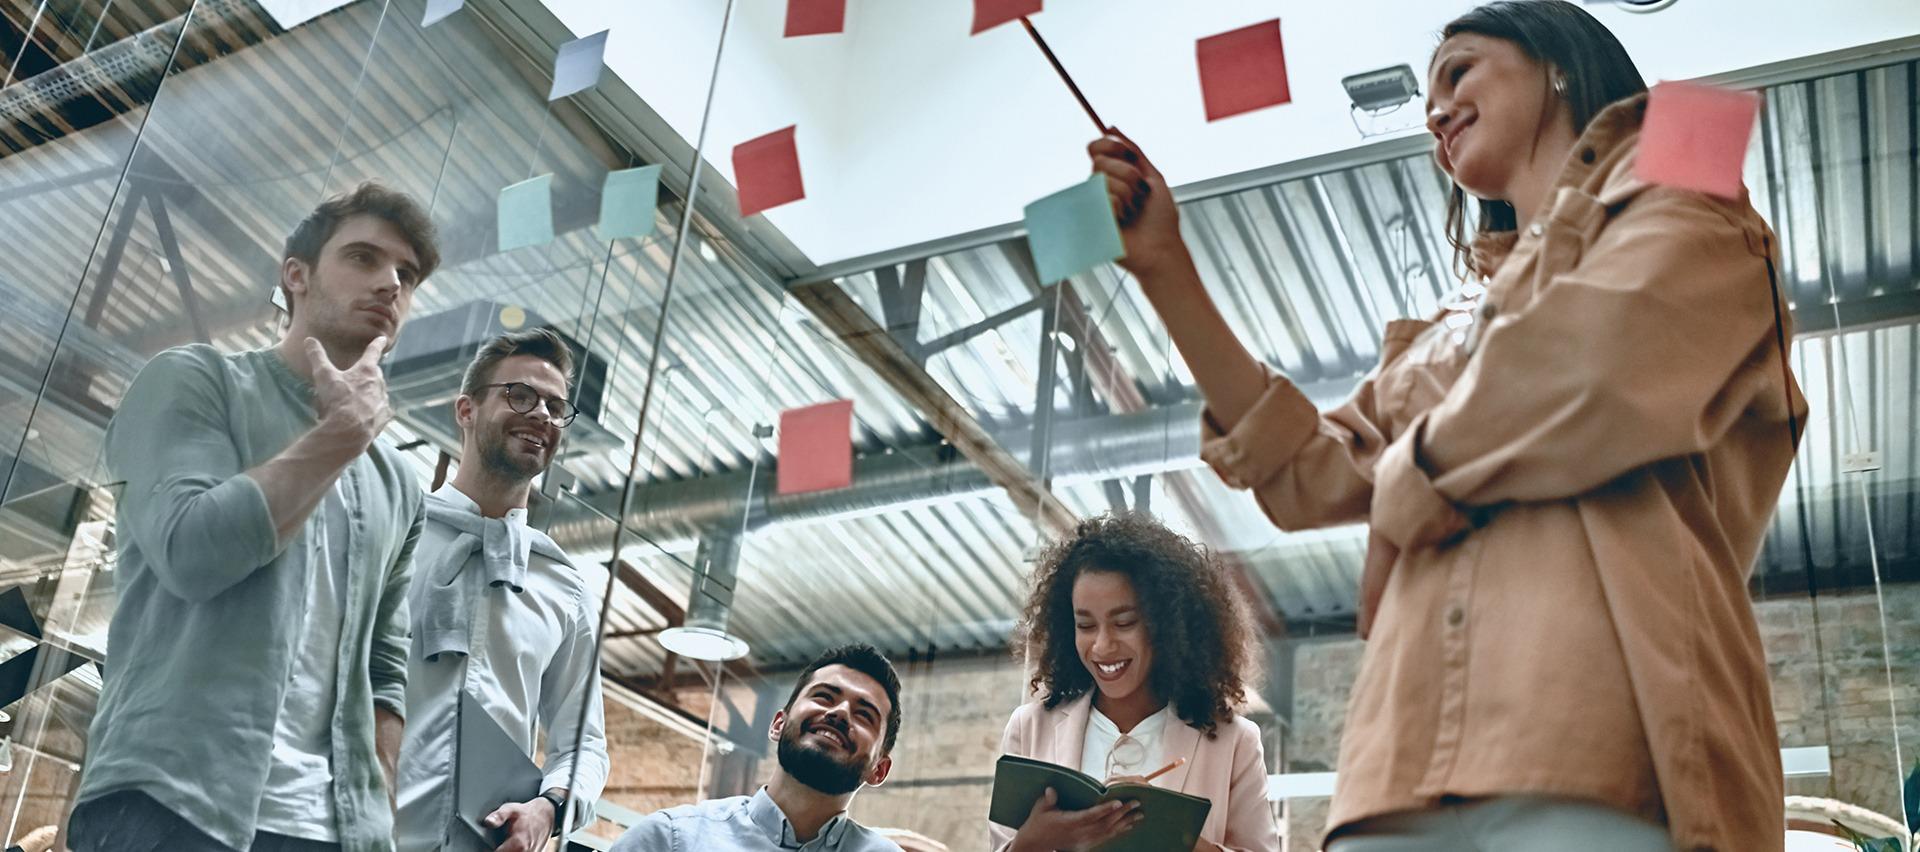 Nota 10 em inovação: conheça as startups do Learning Village